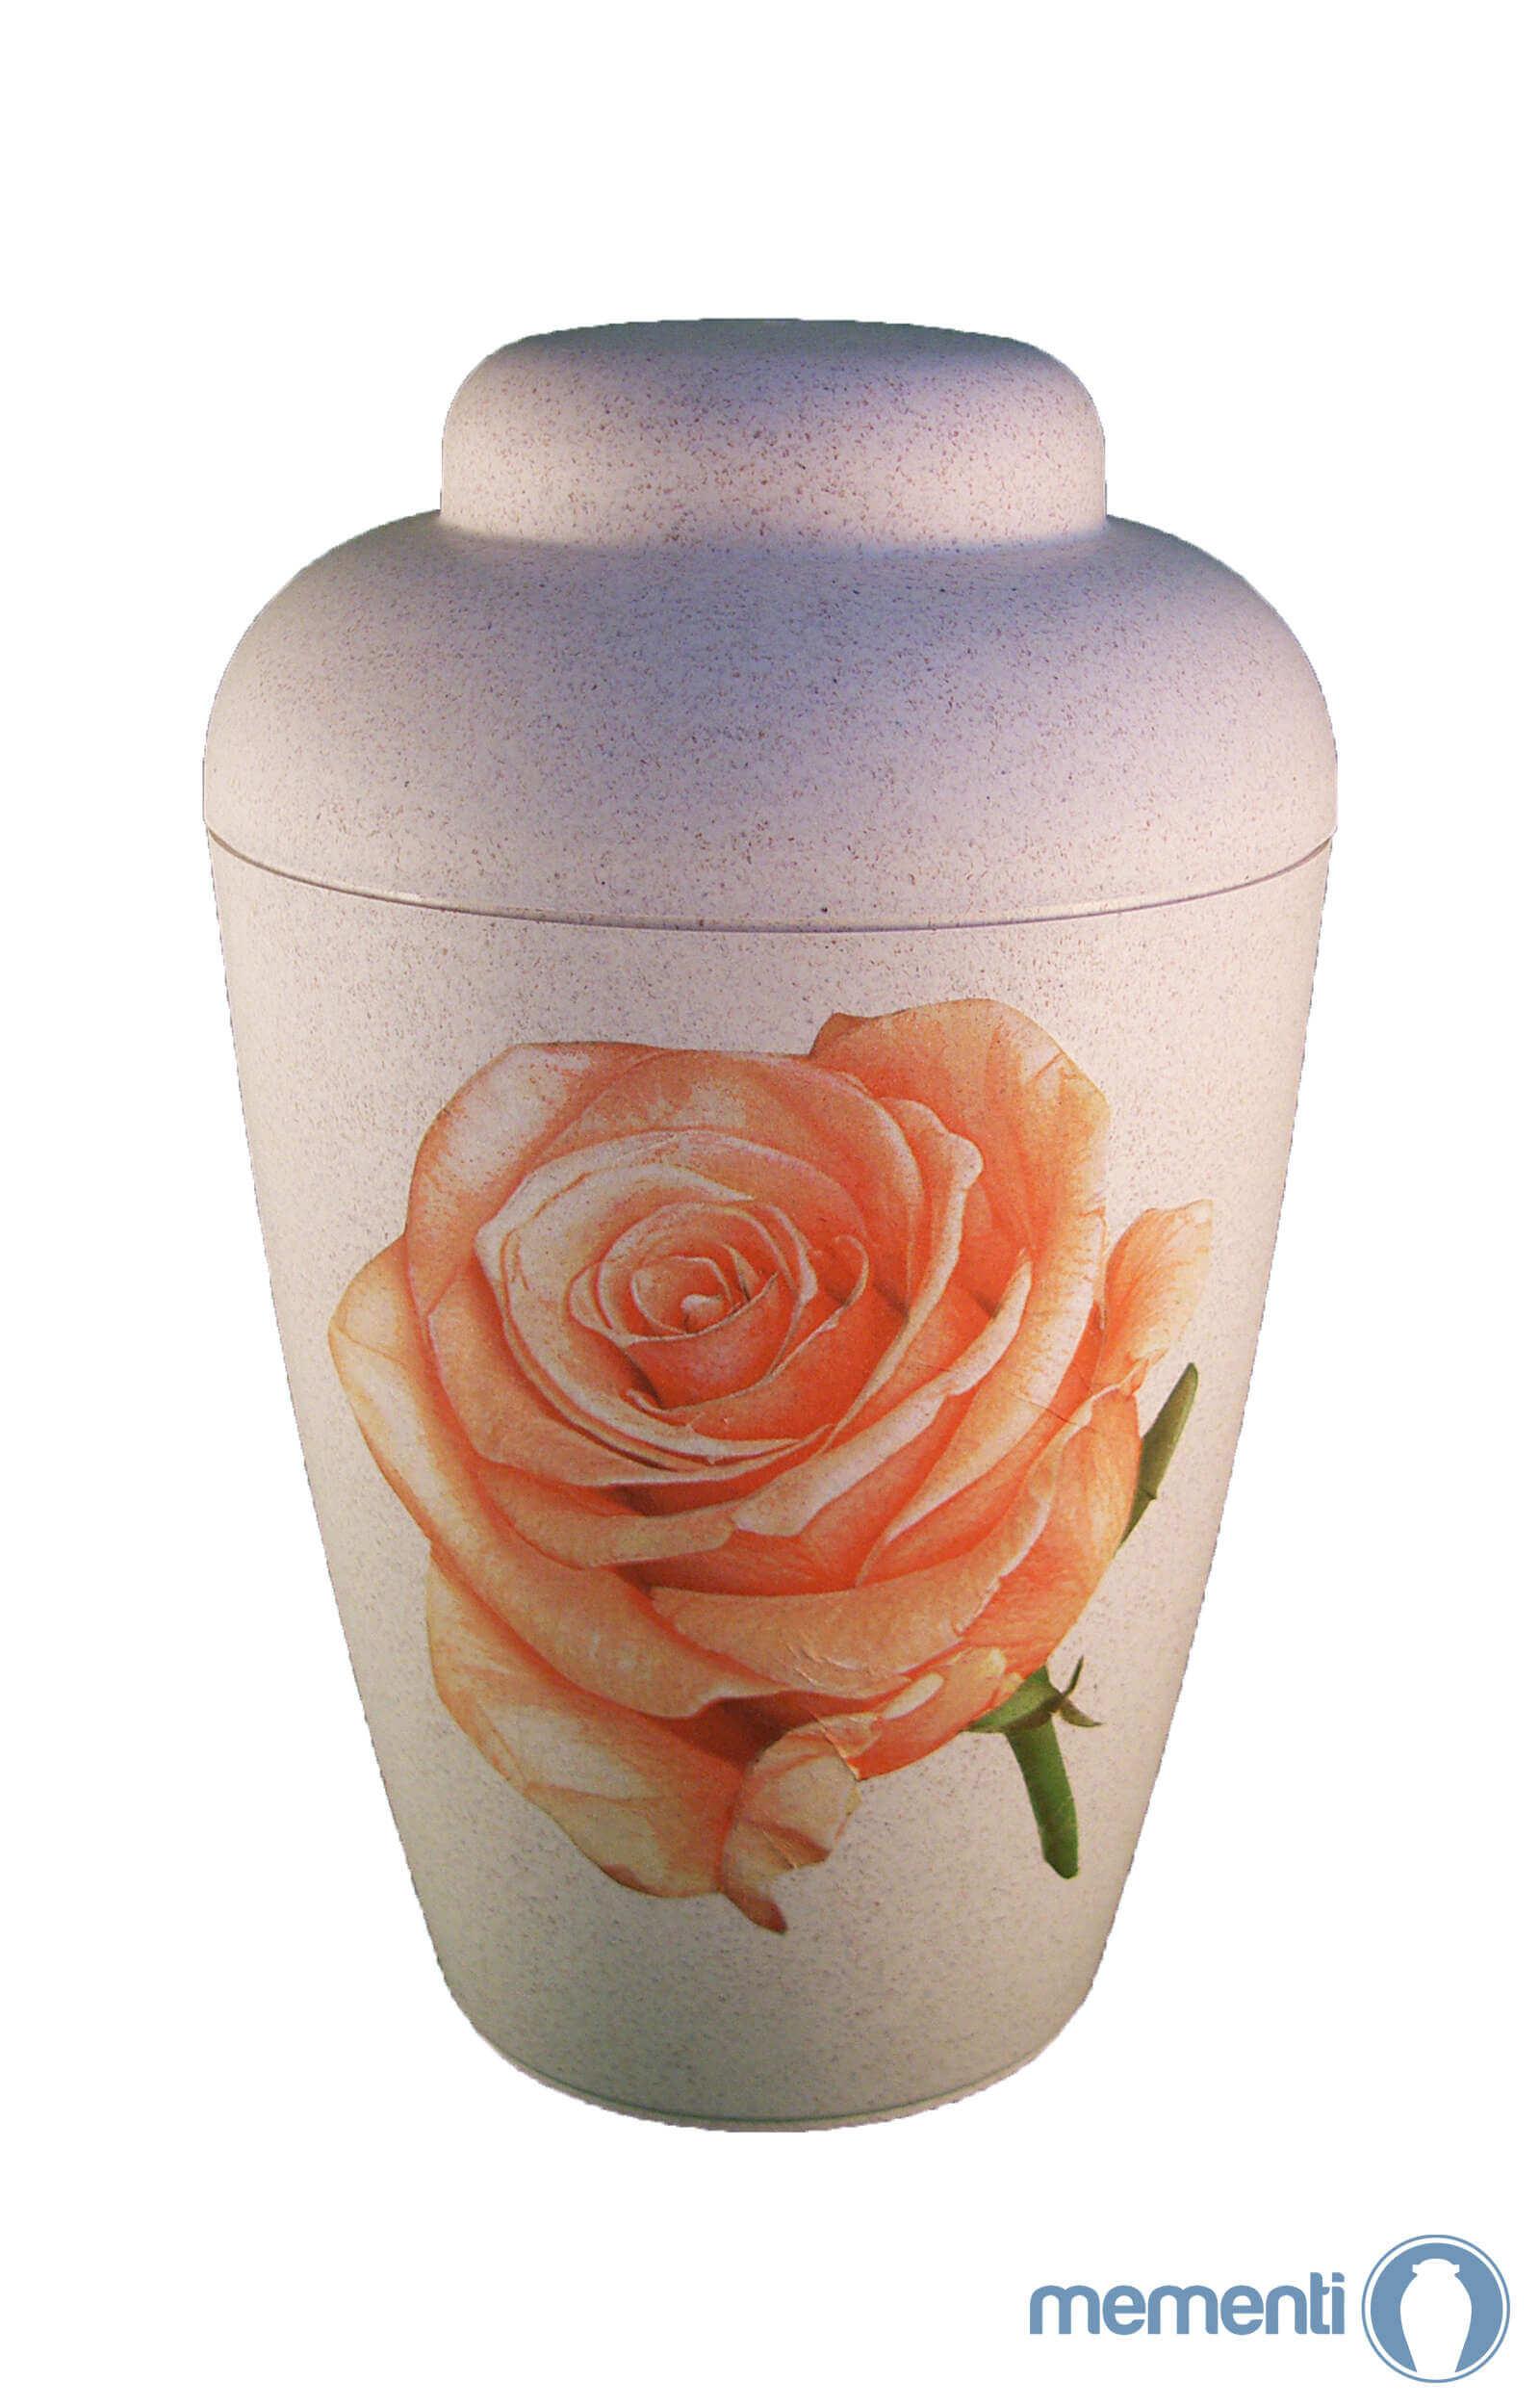 de BVR1702 weisse bio urne vale rosa rose urnen kaufen